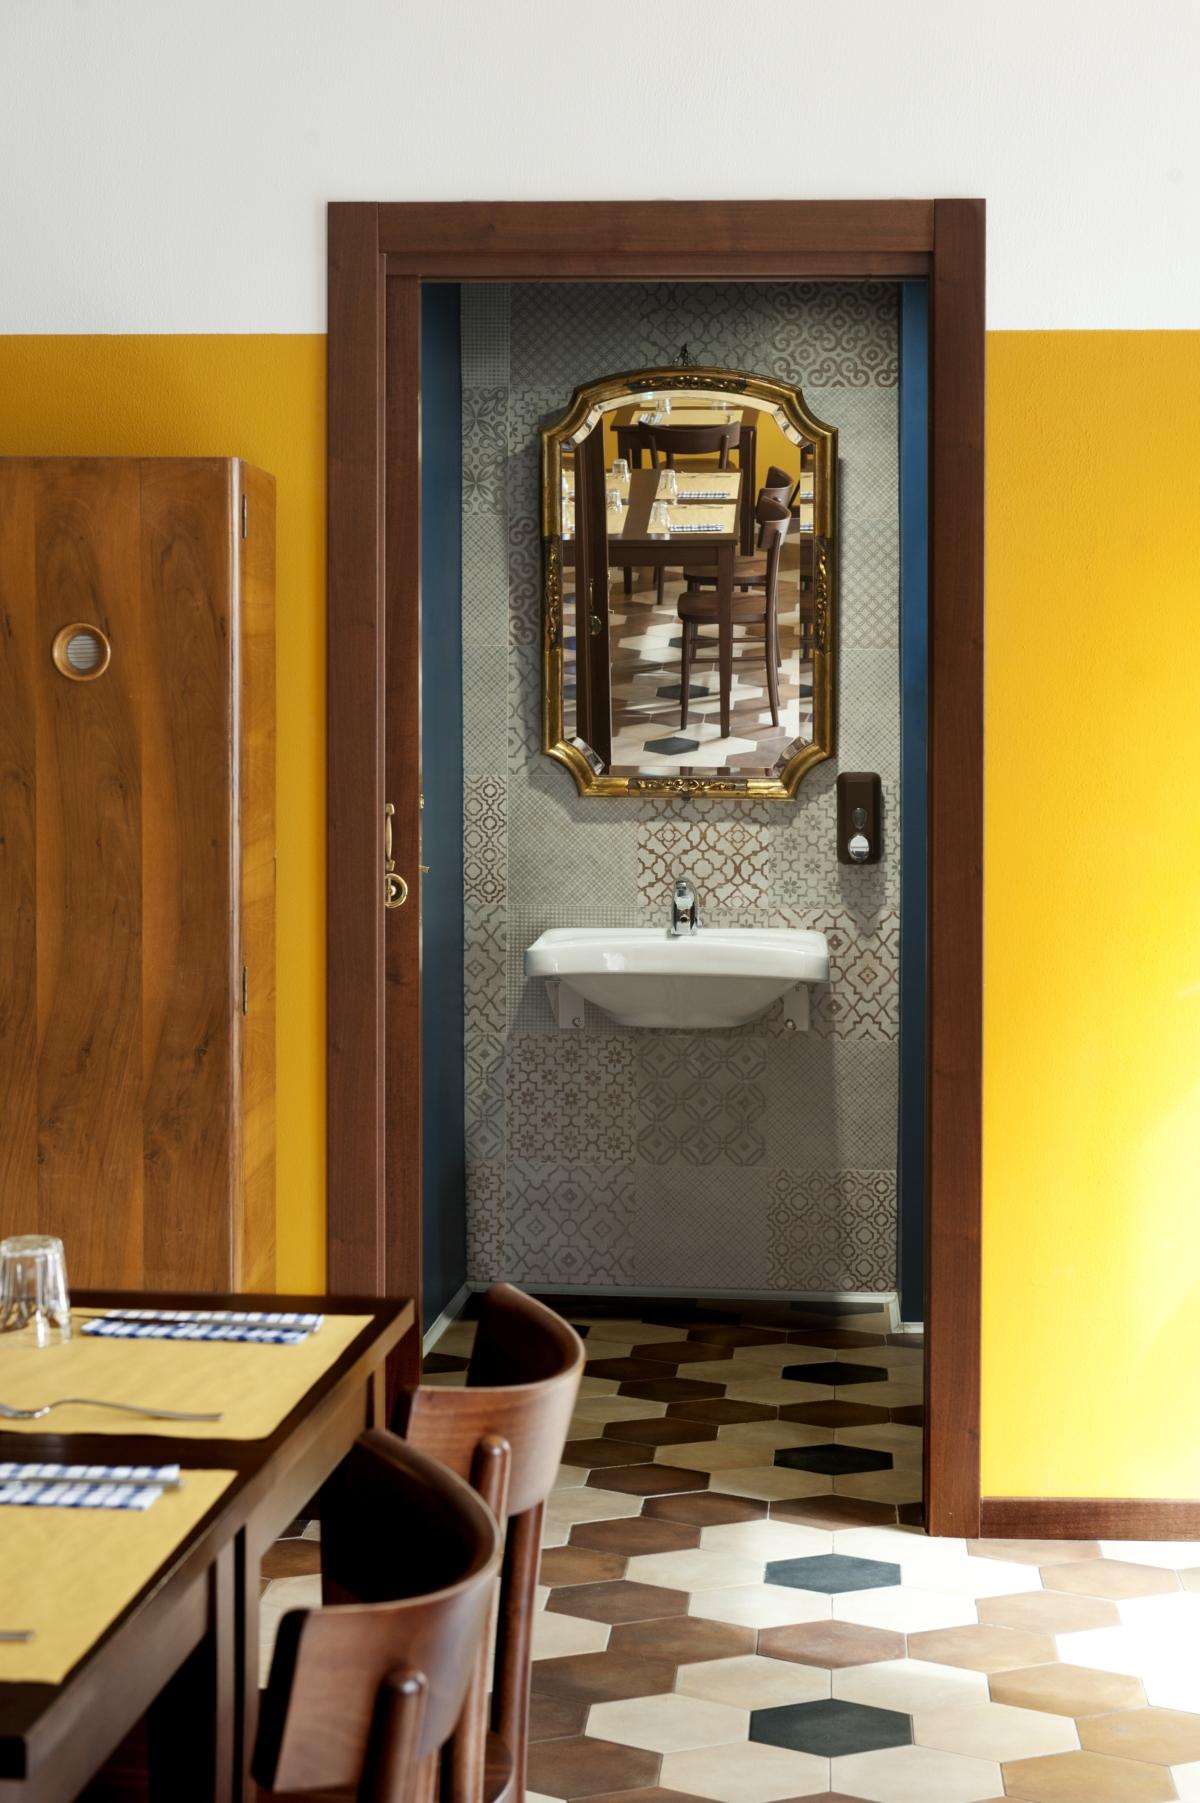 ristorante Trippa di Milano, trattoria old school interior design vintage 11